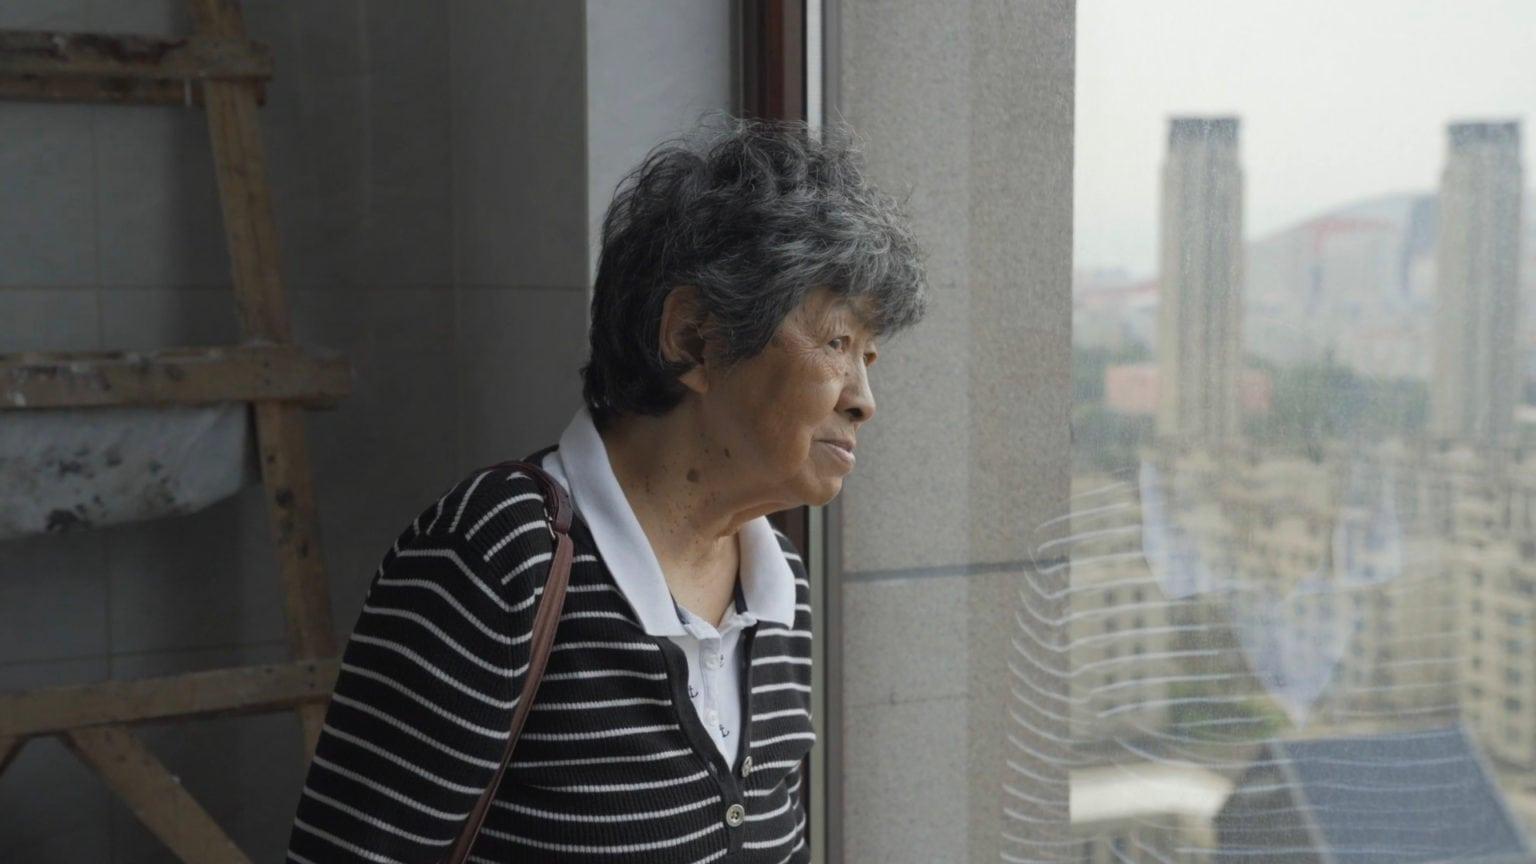 Heidi en voyage en Chine dans Heidi en Chine